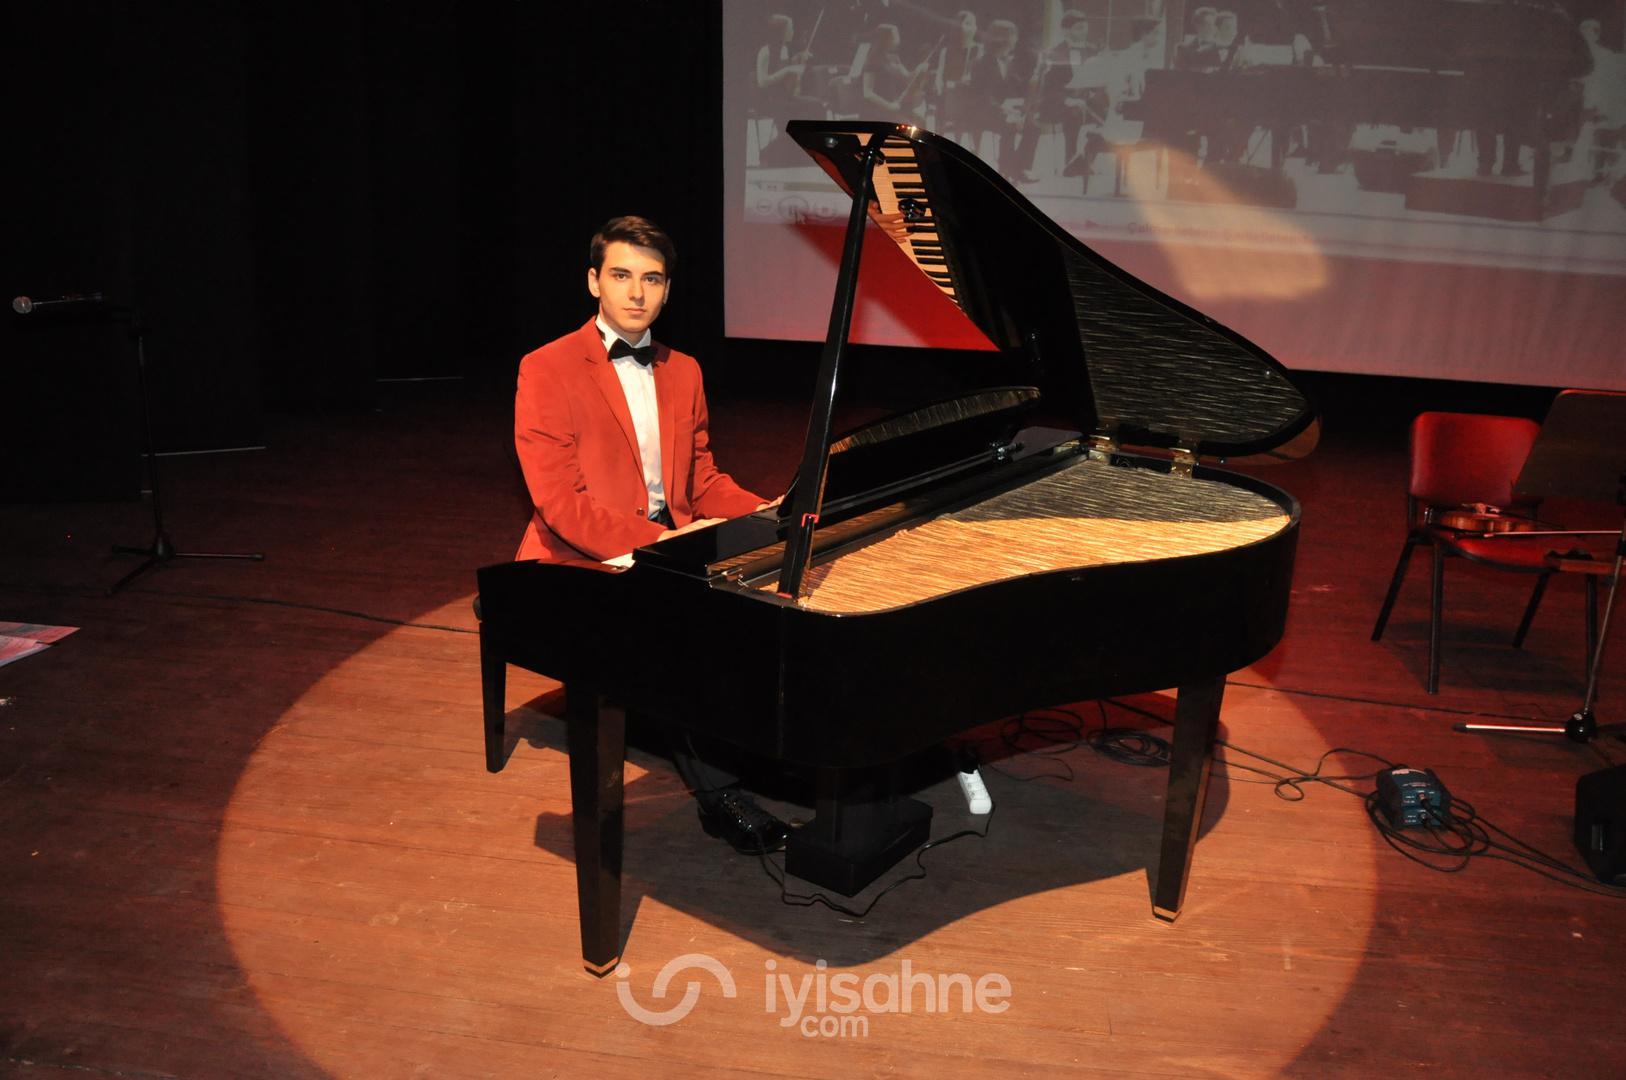 Genç piyanist Güneş Yakartepe piyano konseri ( İBB  Erdem Beyazıt Kültür Merkezi)